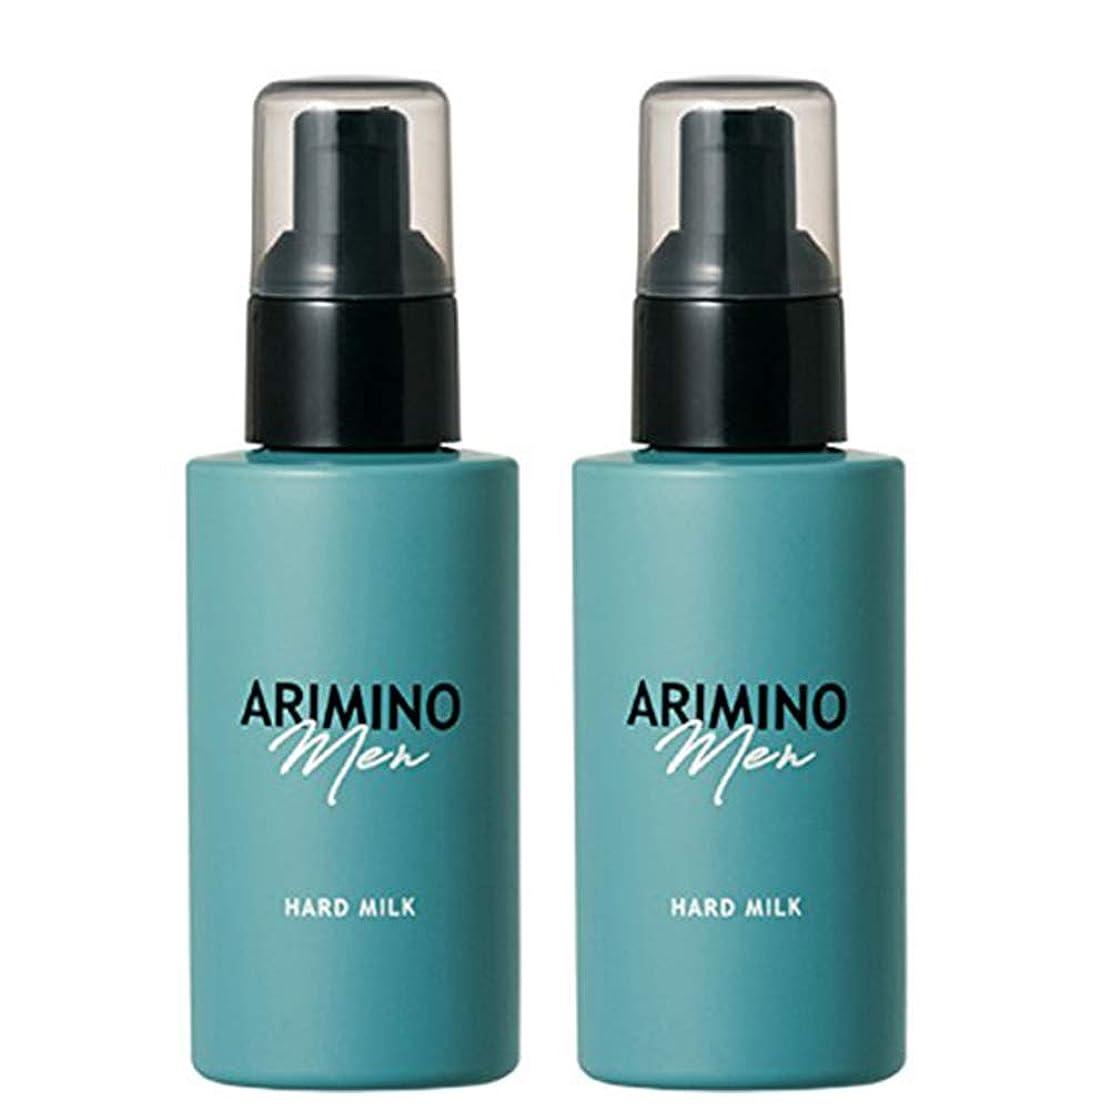 ノイズ表現コンクリートアリミノ メン ハード ミルク 100g ×2個 セット arimino men